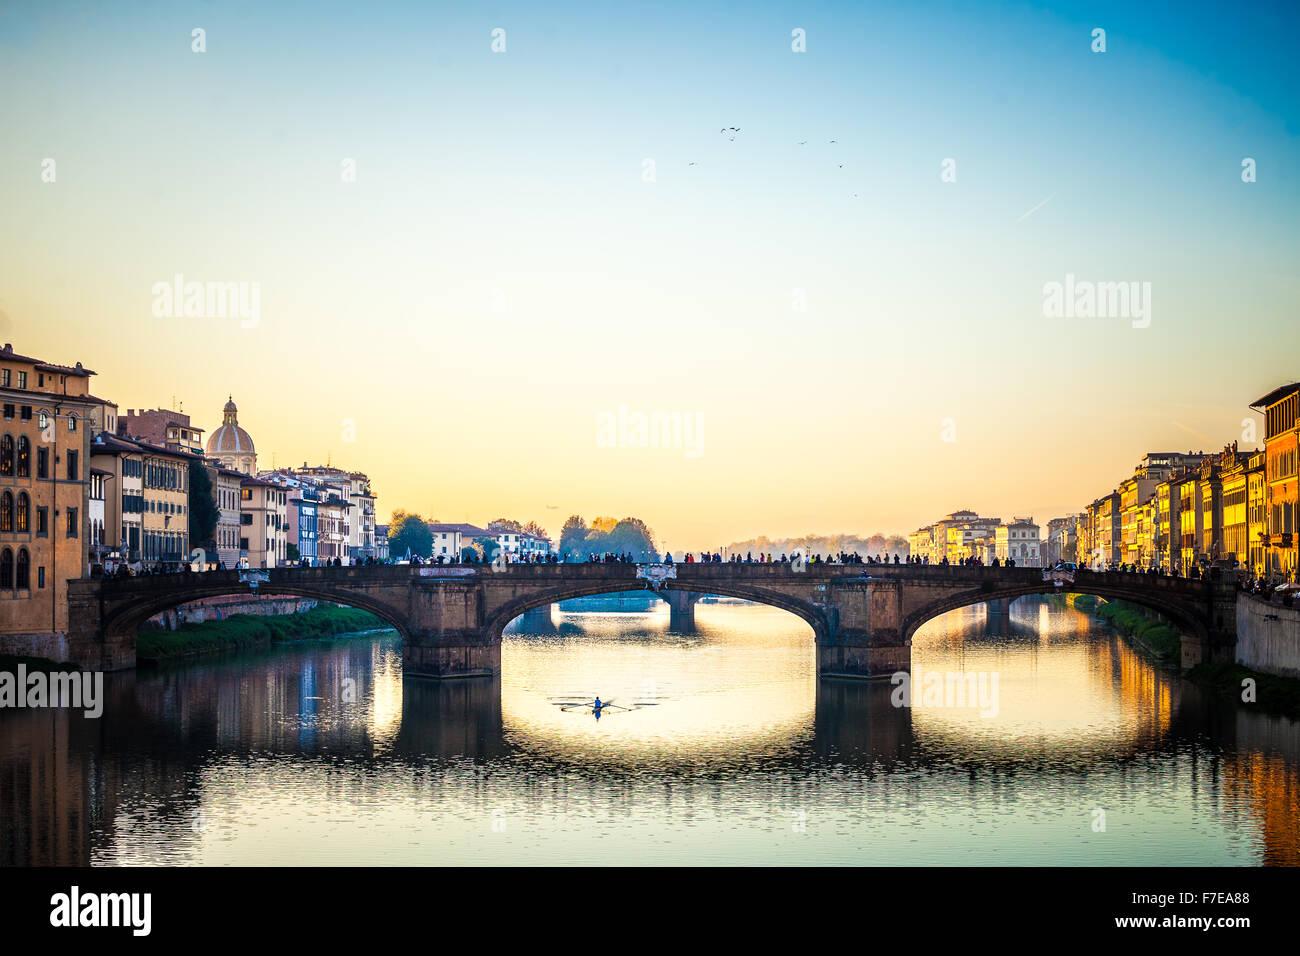 L'incroyable Ponte Vecchio sur l'Arno à Florence, Italie. Sous le pont, un gars de l'aviron Photo Stock